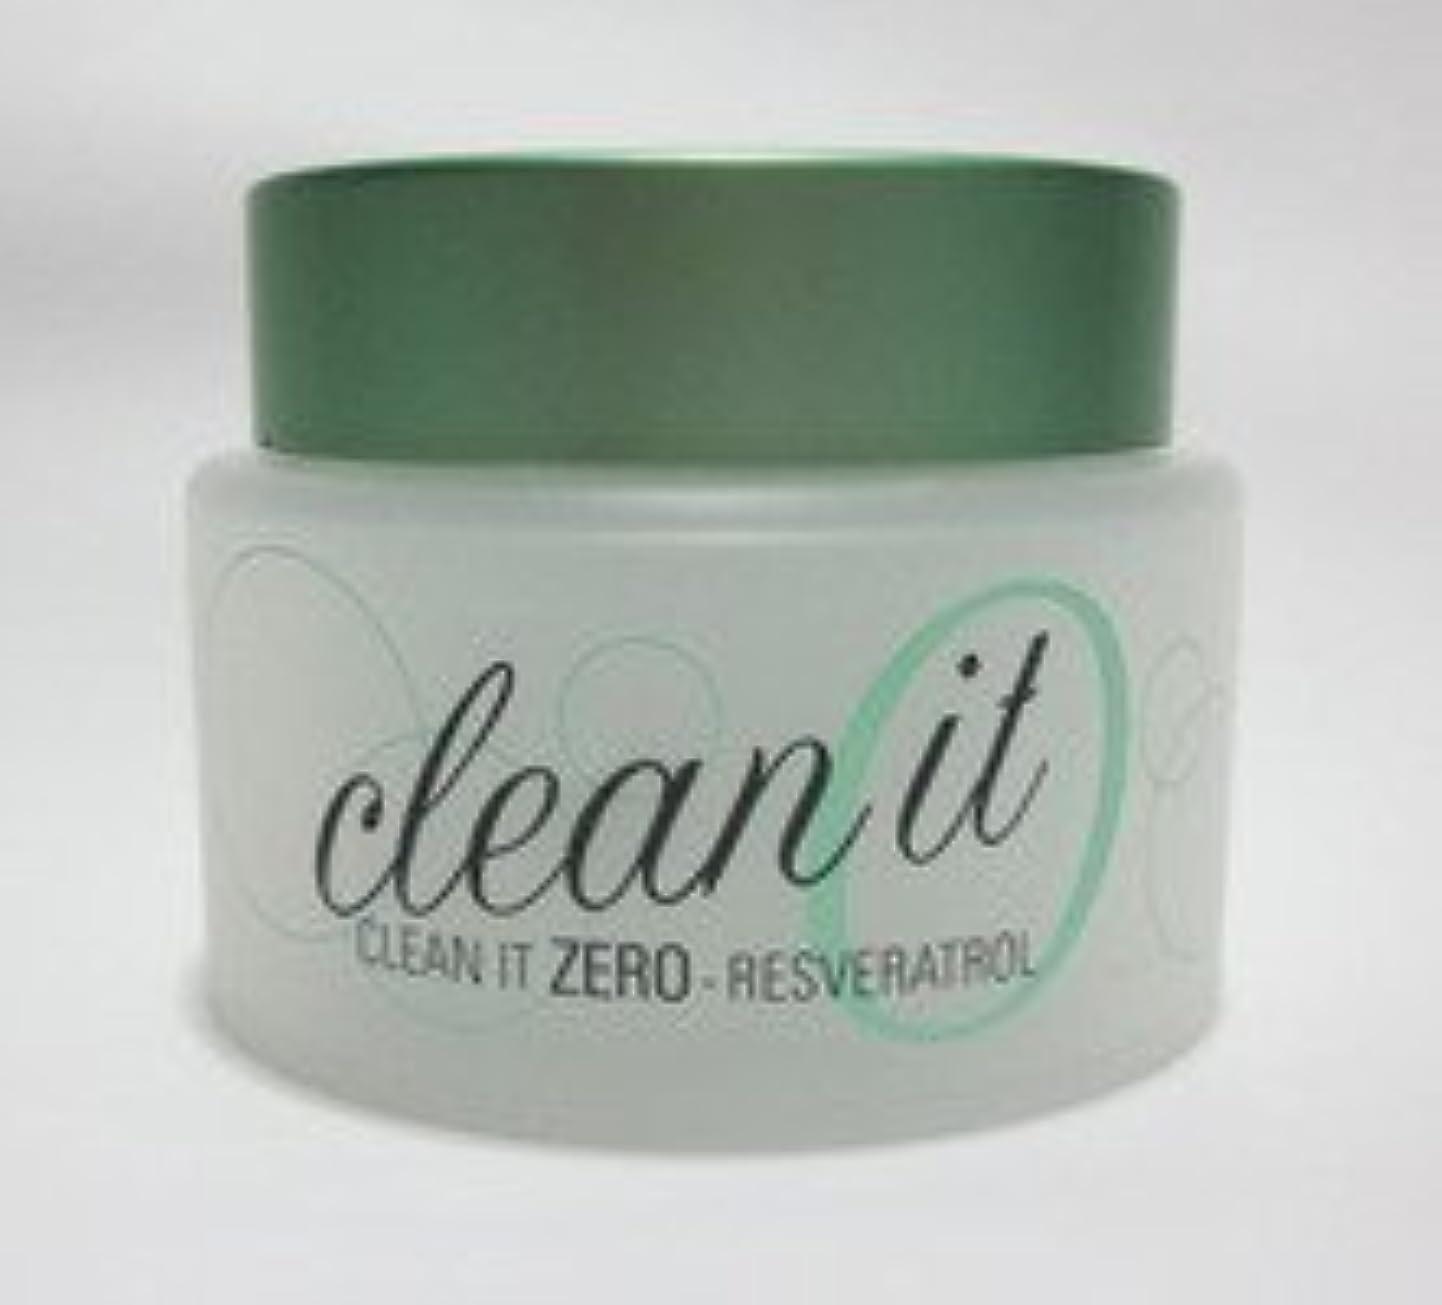 針平らな少しbanila co. バニラコ クリーン イット ゼロ レスベラトロール clean it zero RESVERATROL